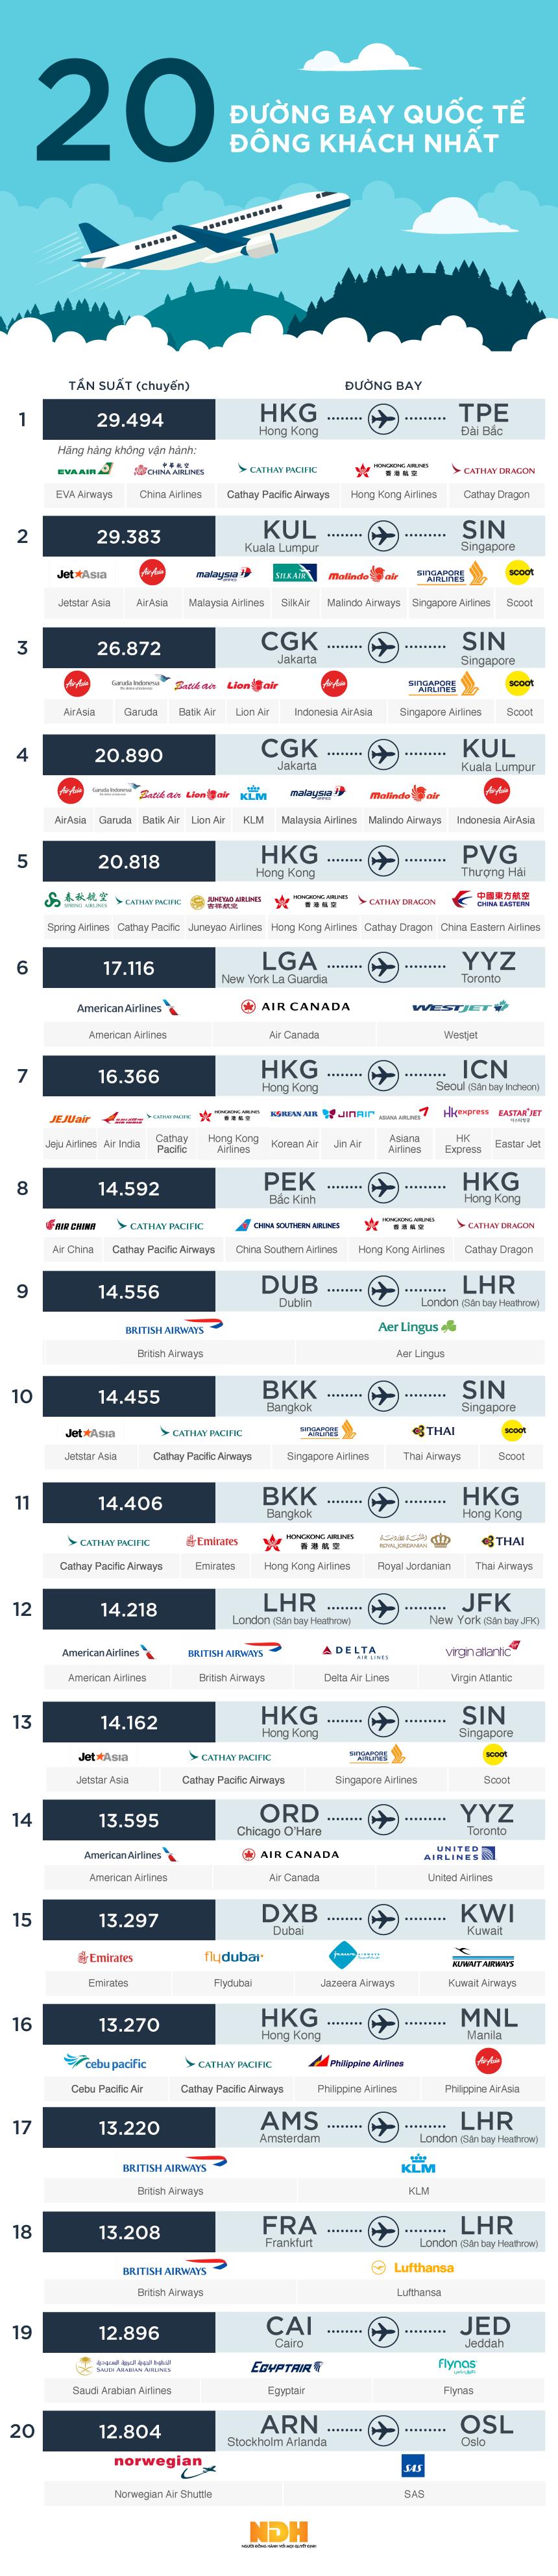 đường bay quốc tế